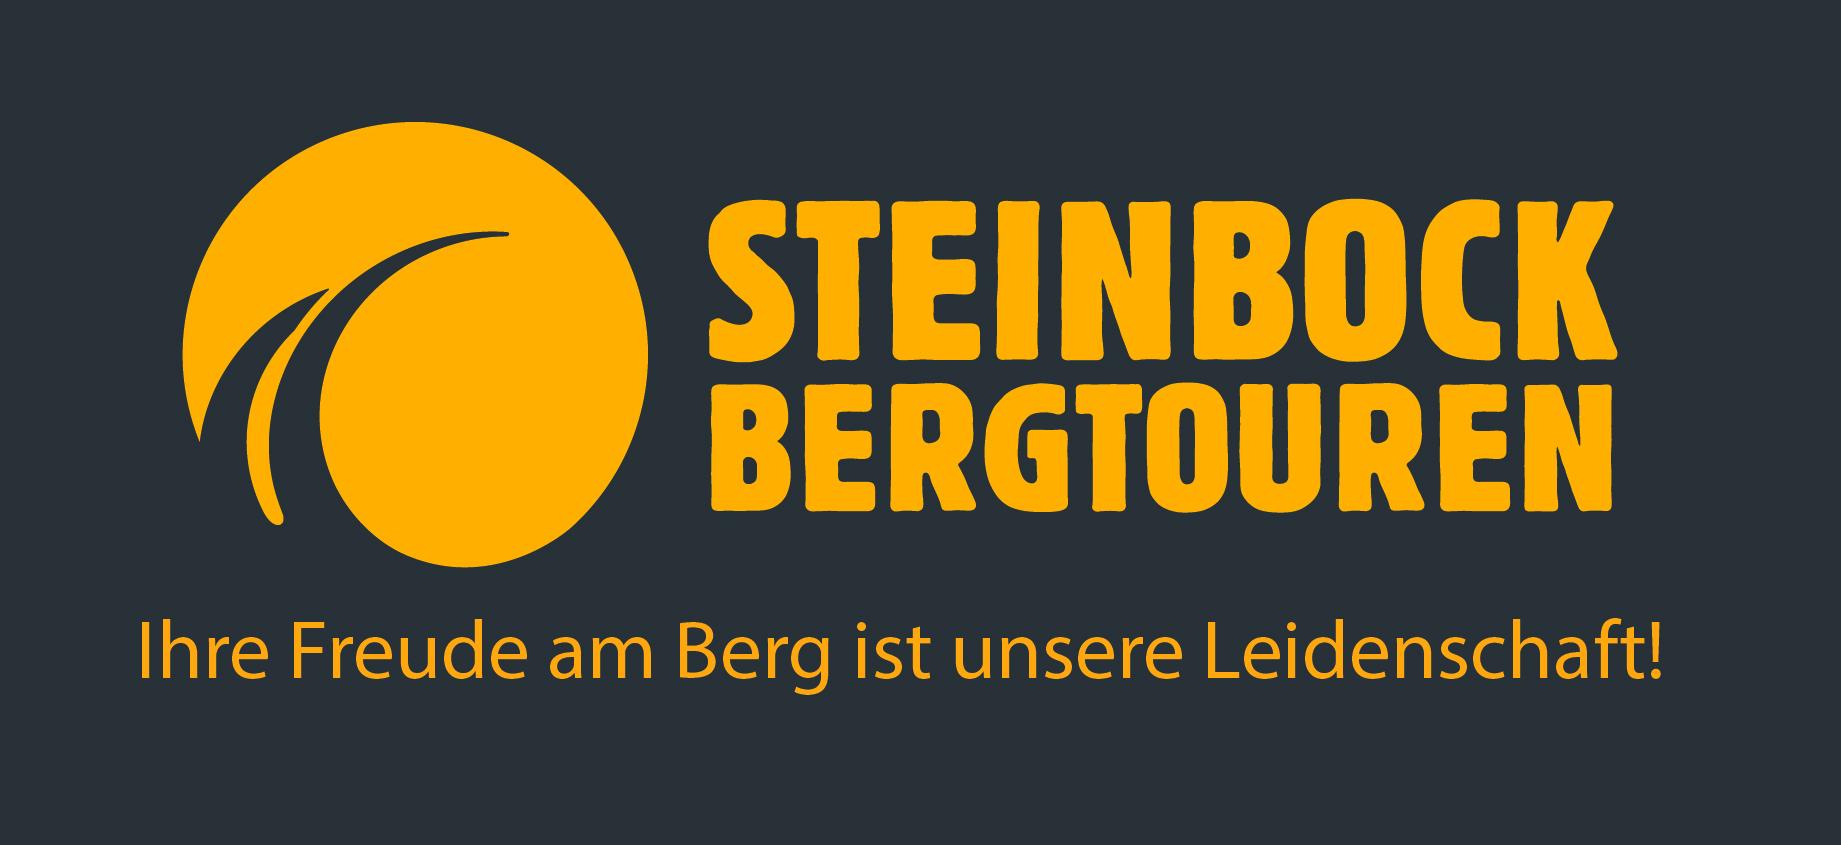 Logo-Steinbock-Bergtouren